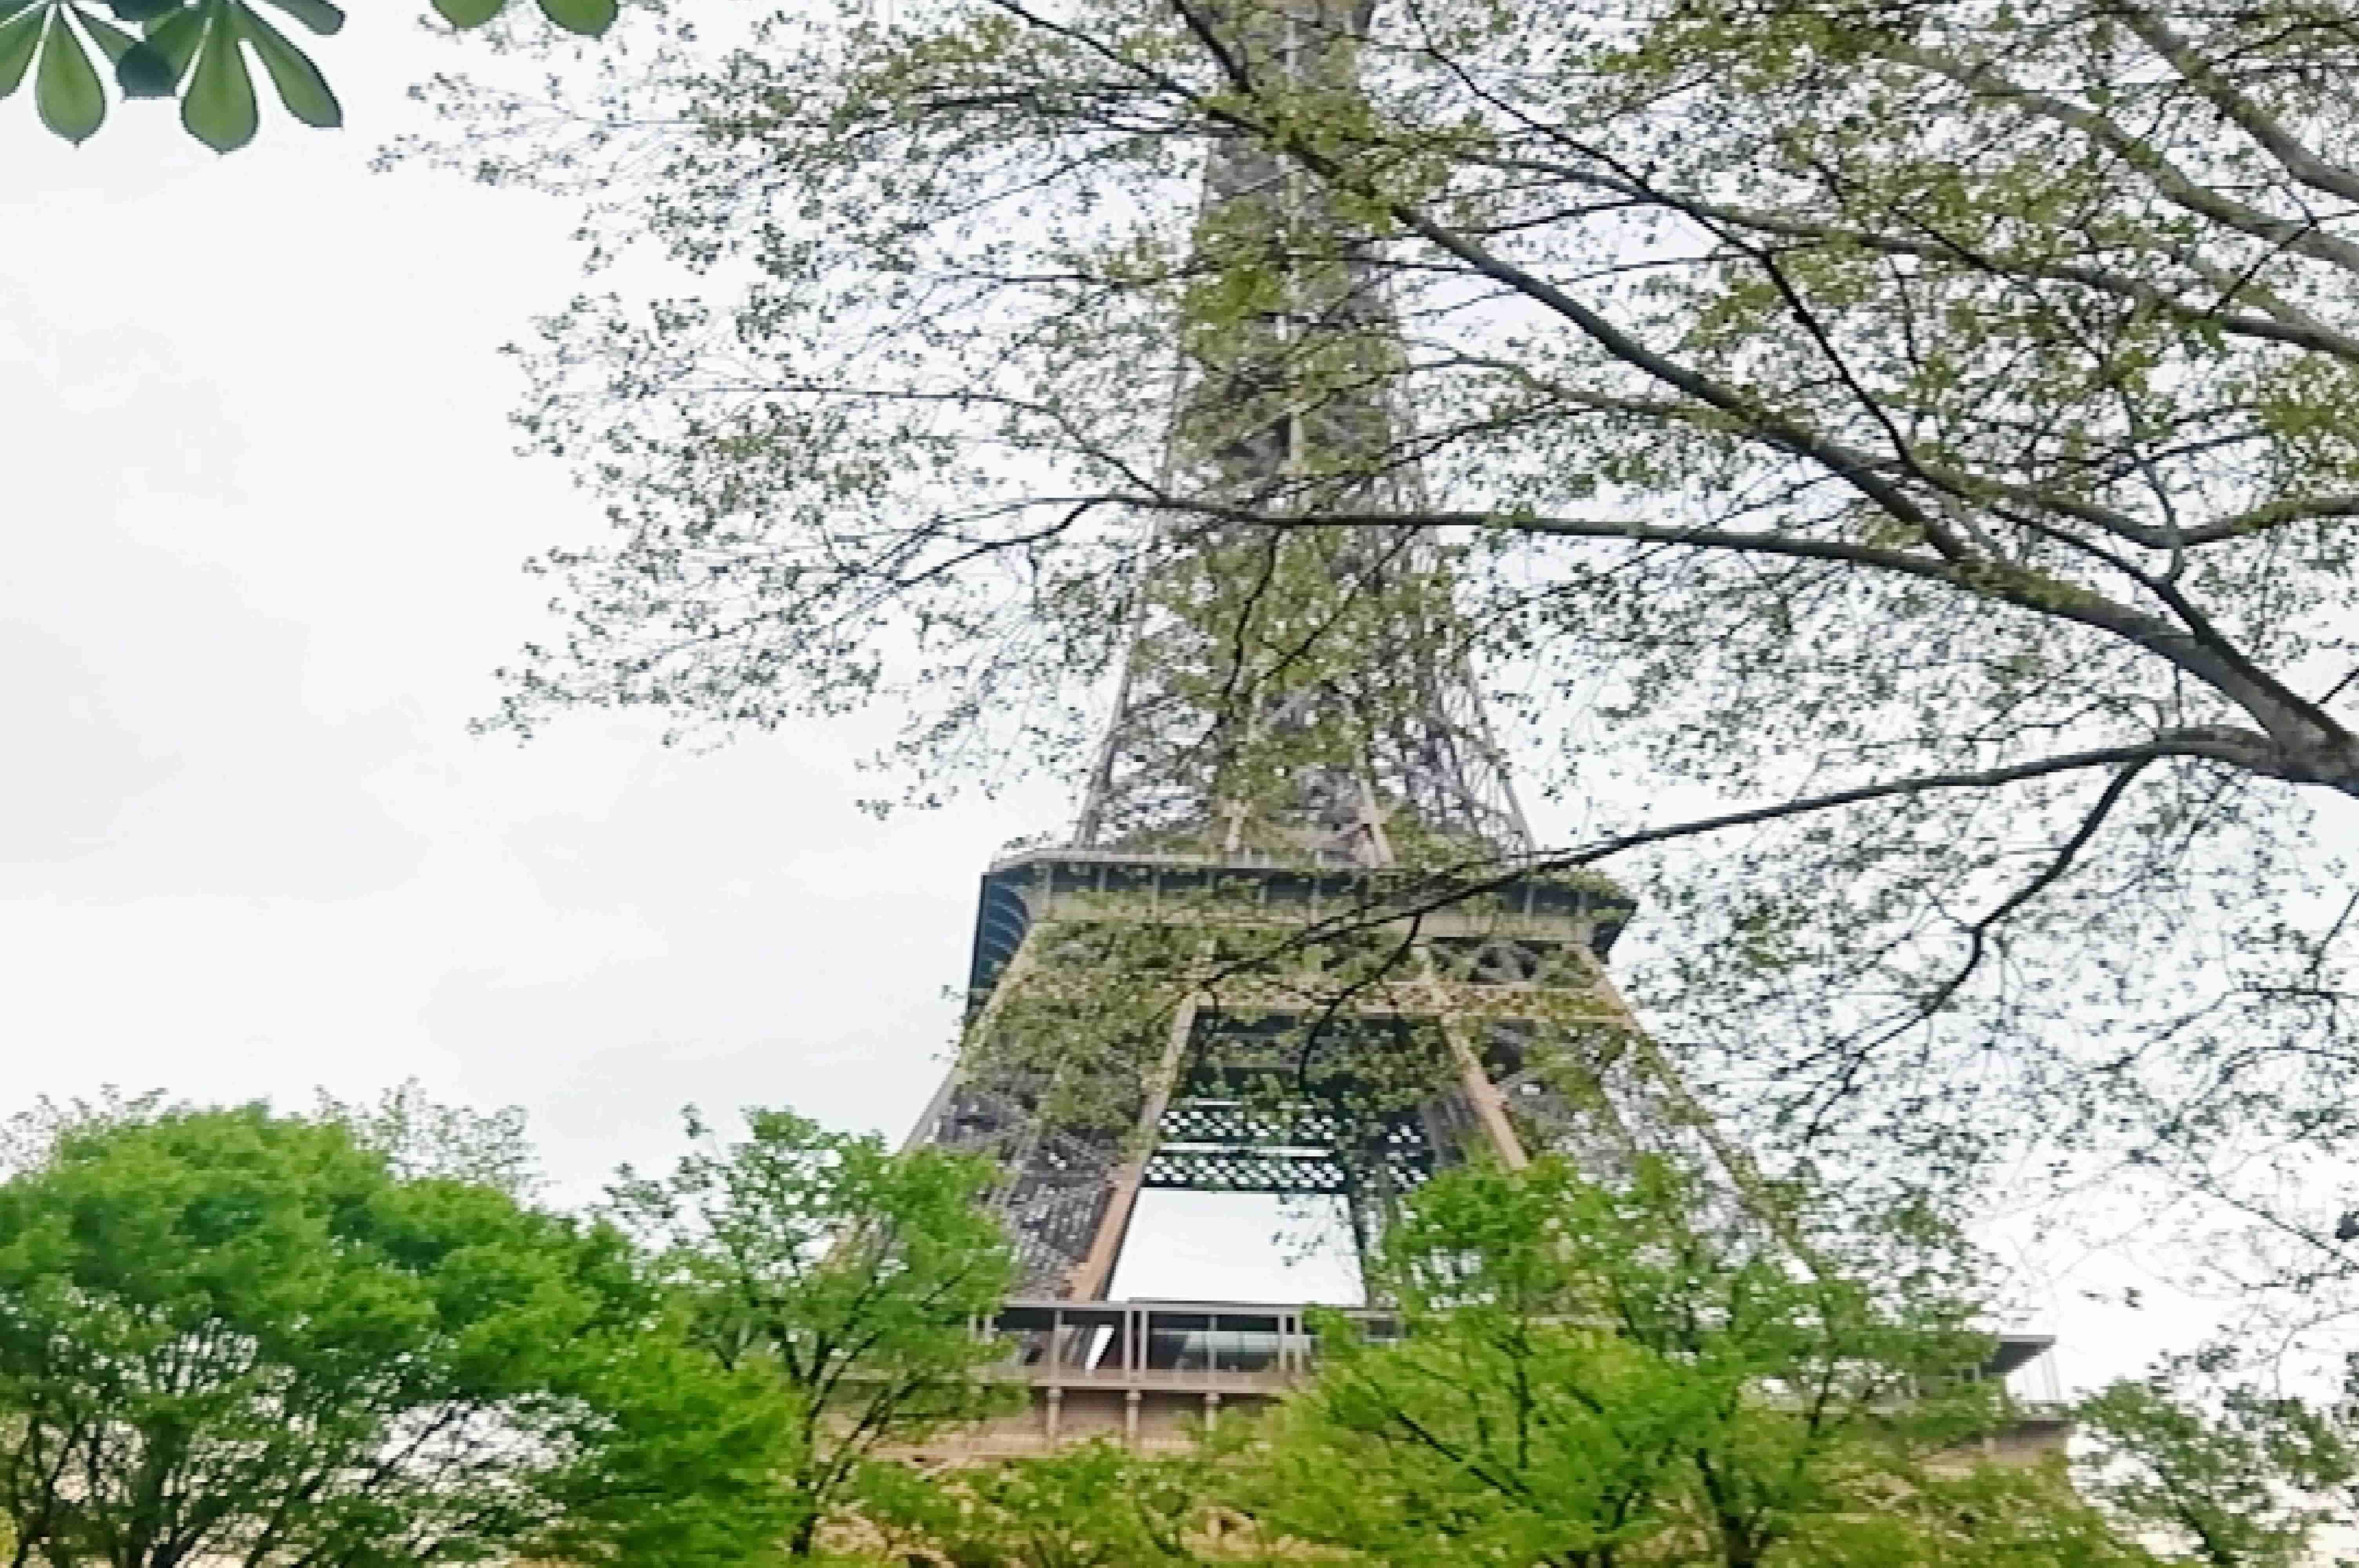 Ferchichi Seifeddine : Paris